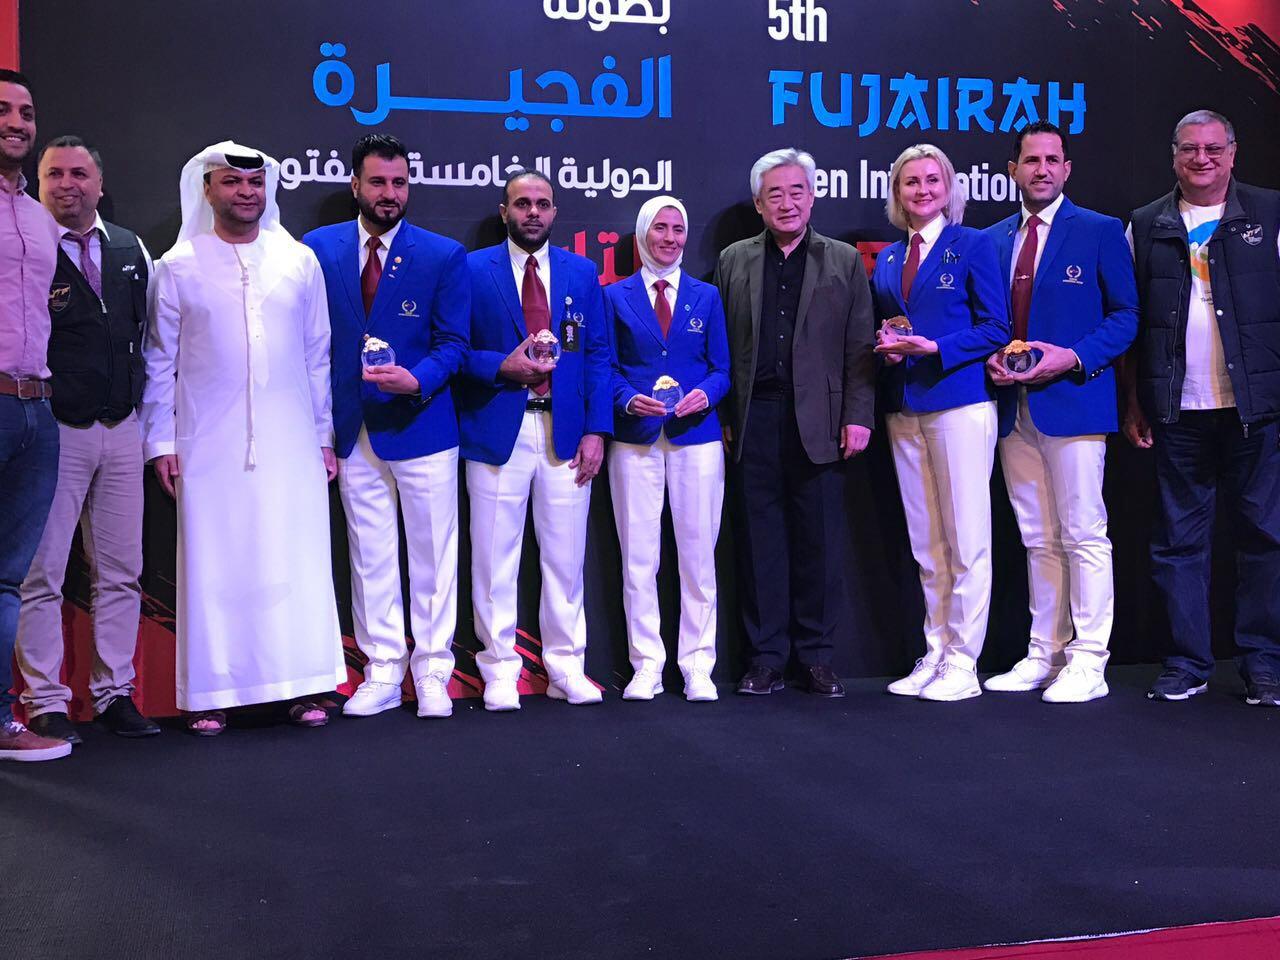 الإماراتي اسماعيل الصابري بين أفضل خمسة حكام في دولية الفجيرة للتاكواندو